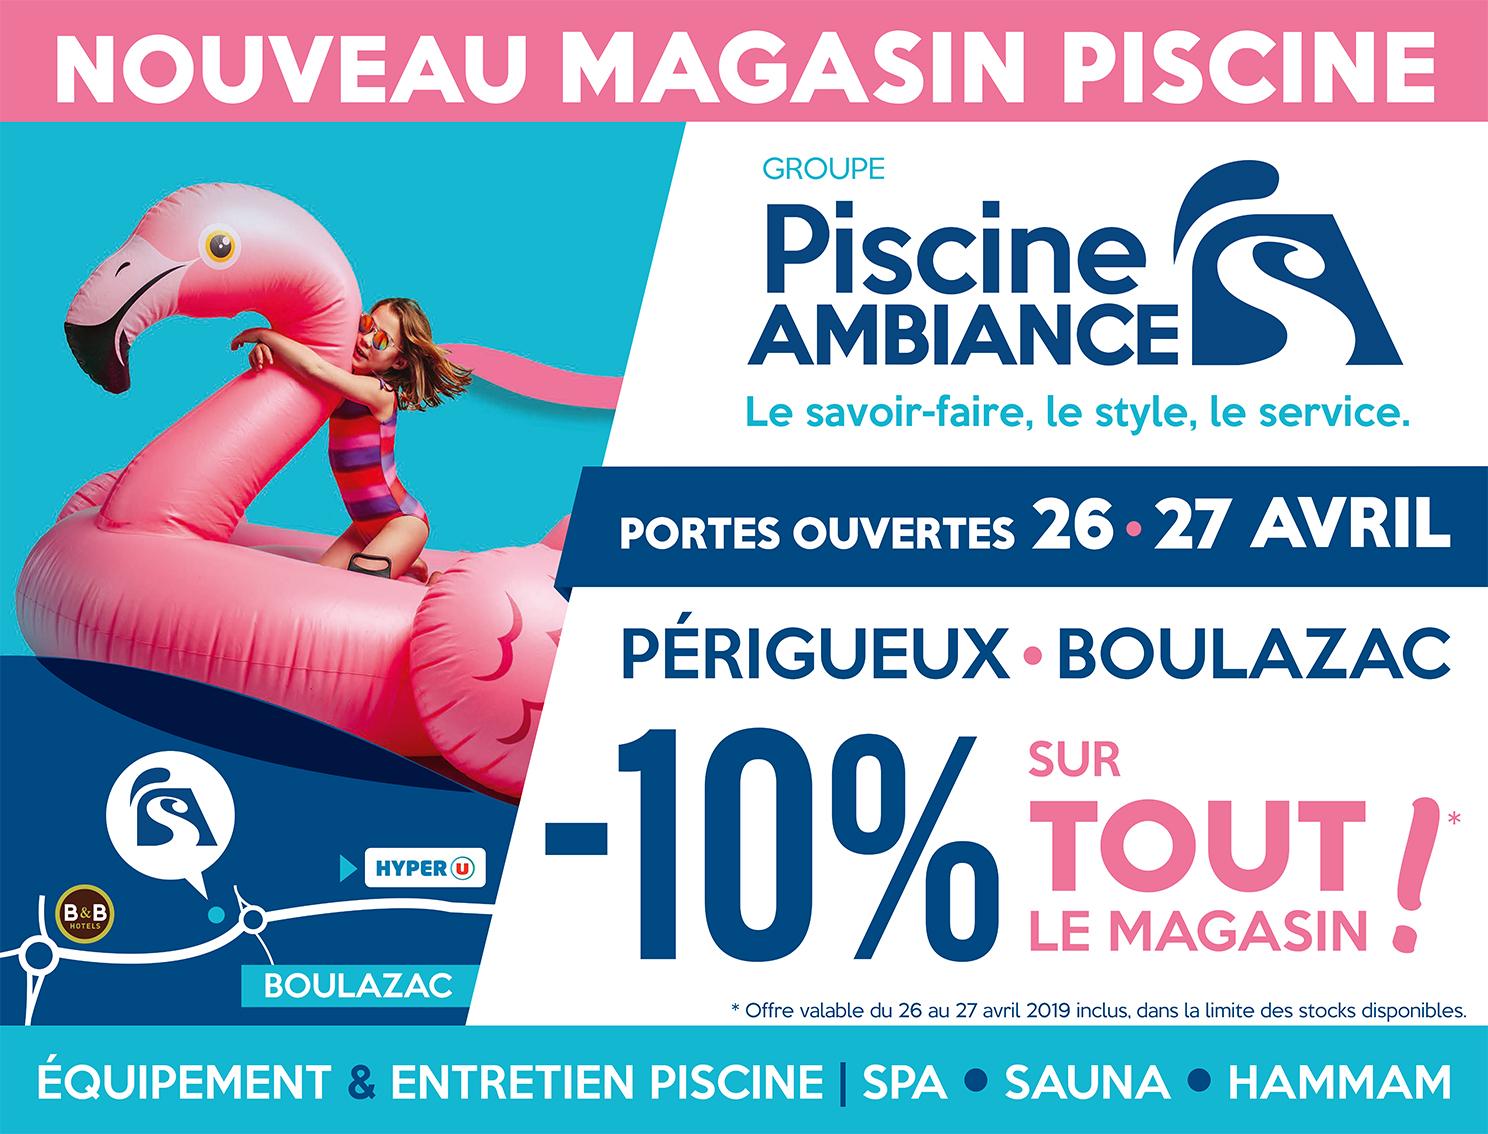 afichage-ouverture-magasin-perigueux-piscine-ambiances-suports-imprimes-print